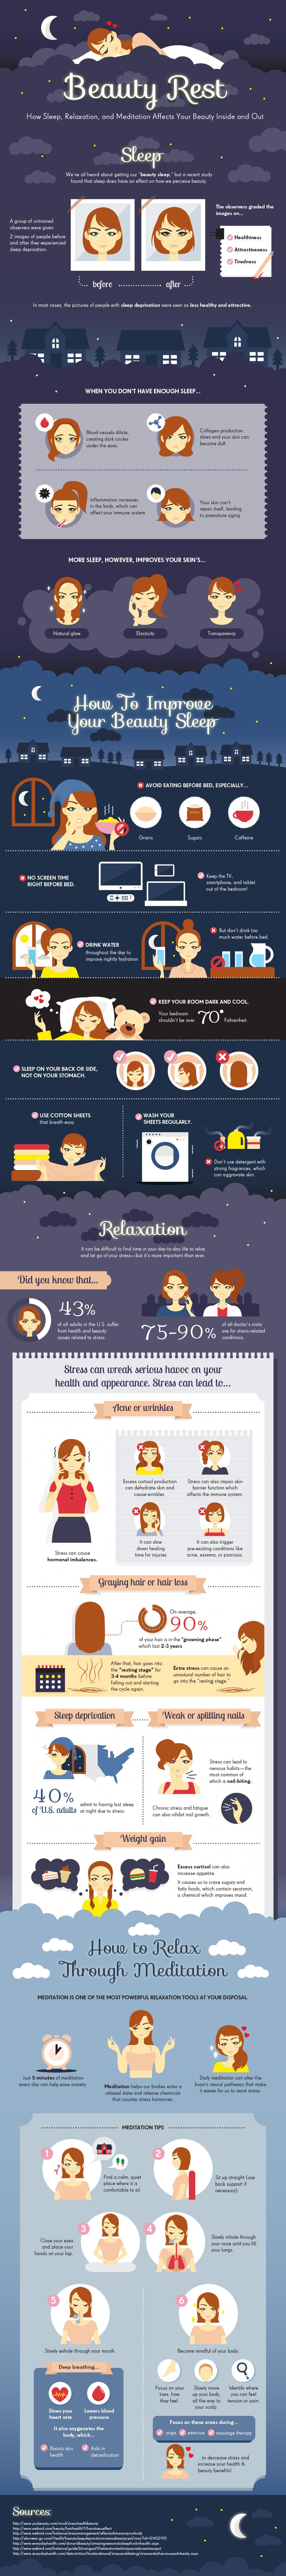 Cassie Brewer Beauty Rest Infographic Sleep Rest Wellness Lifesum